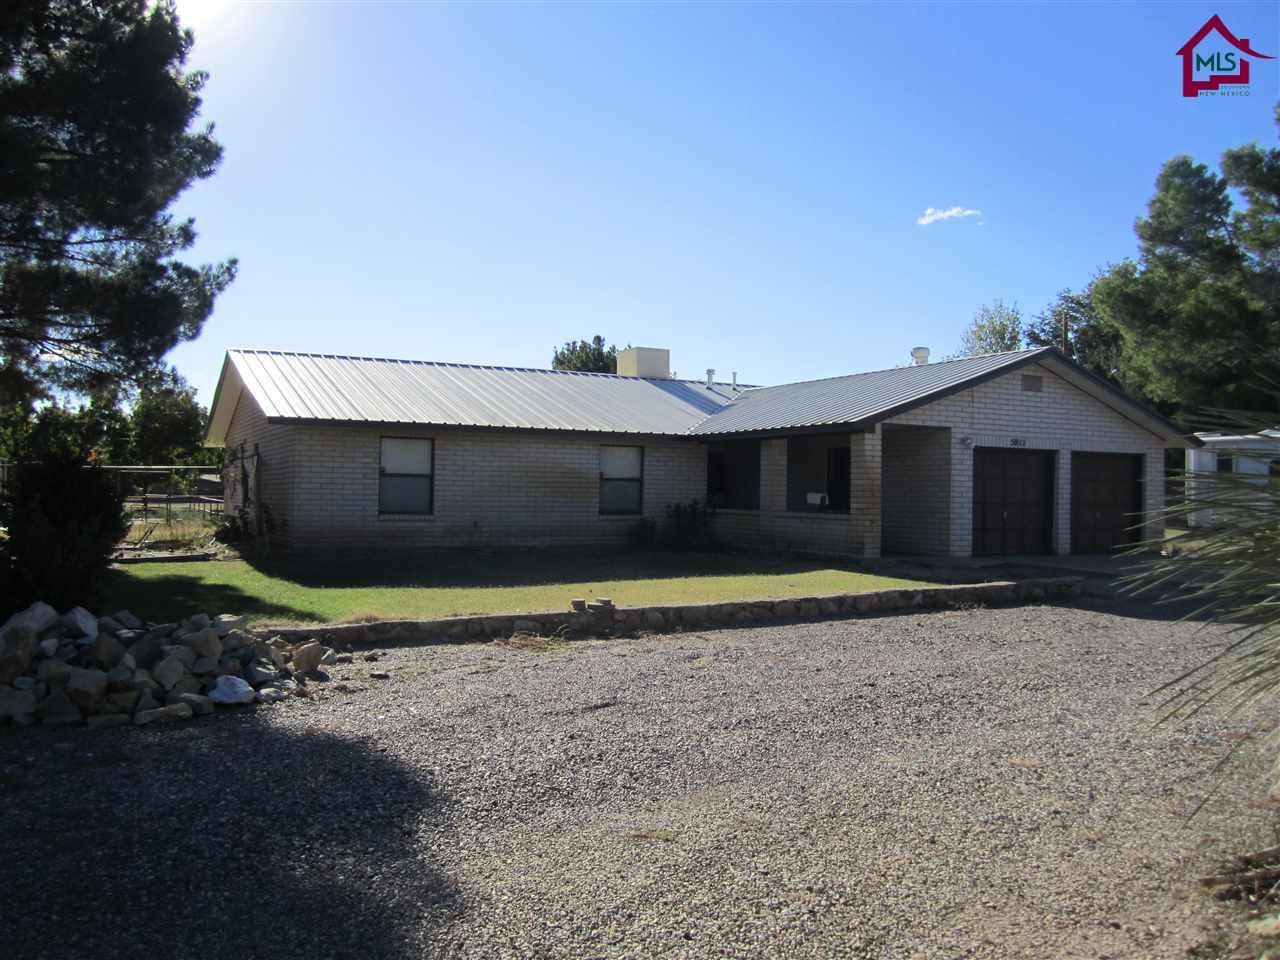 New mexico dona ana county garfield - 5811 Dona Villa Dr